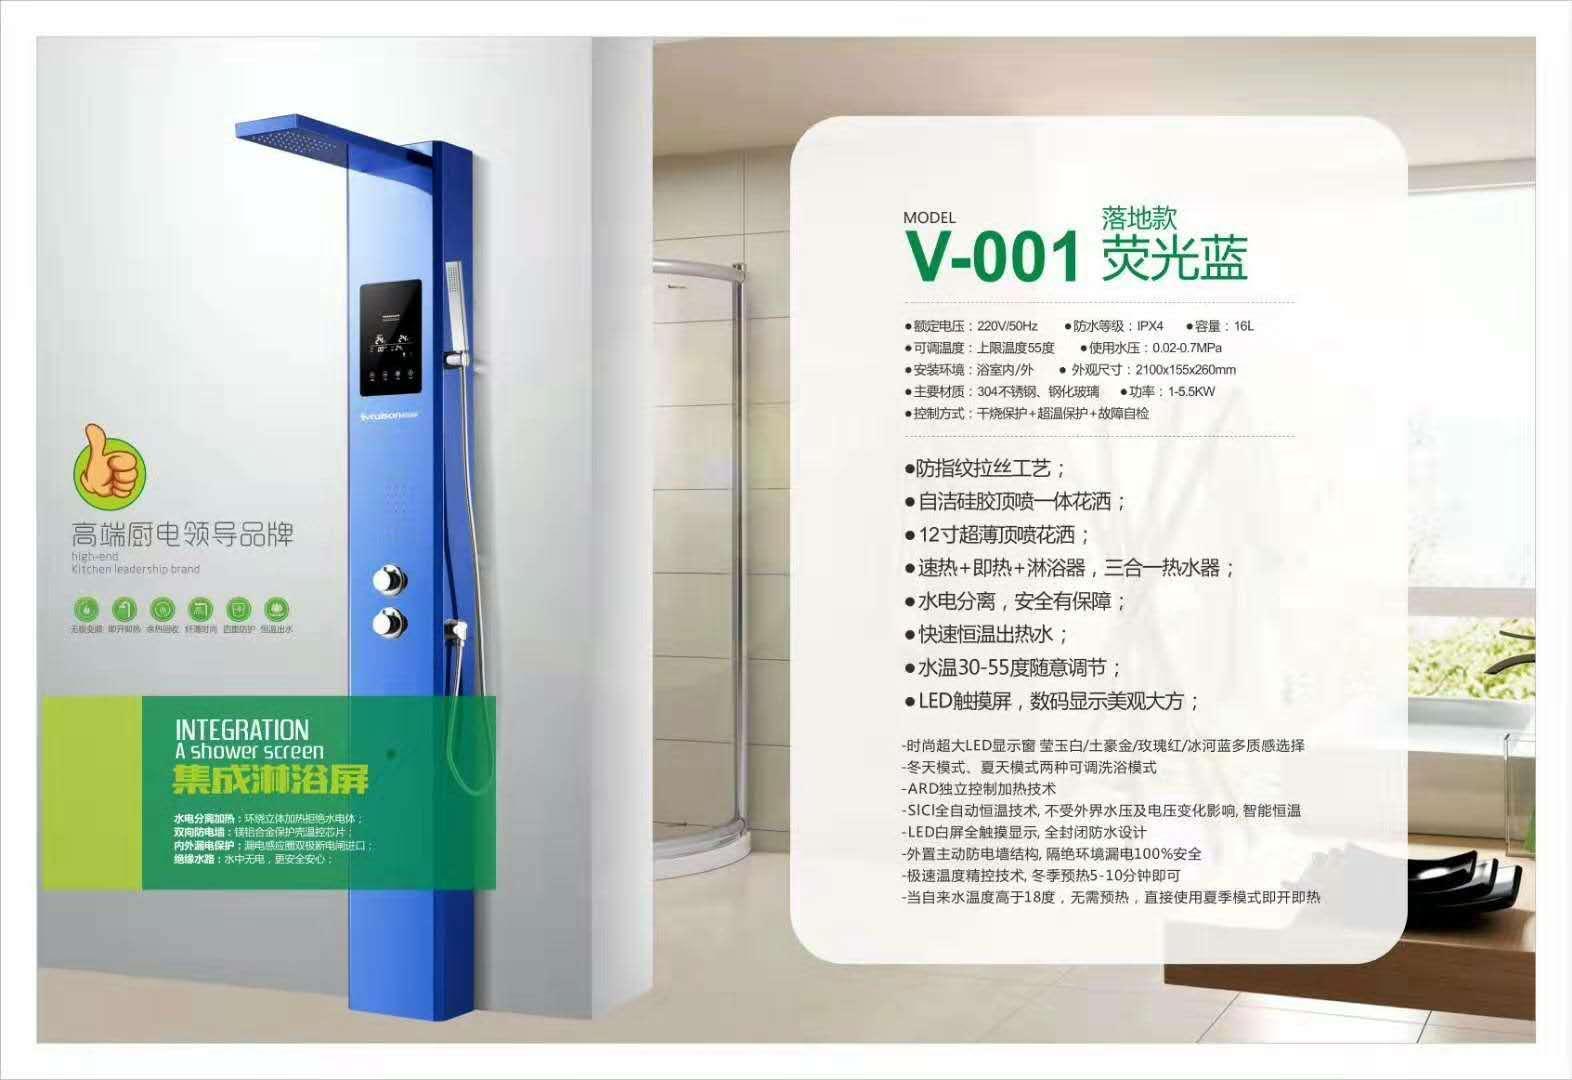 即热式淋浴屏集成电热水器厂家直销